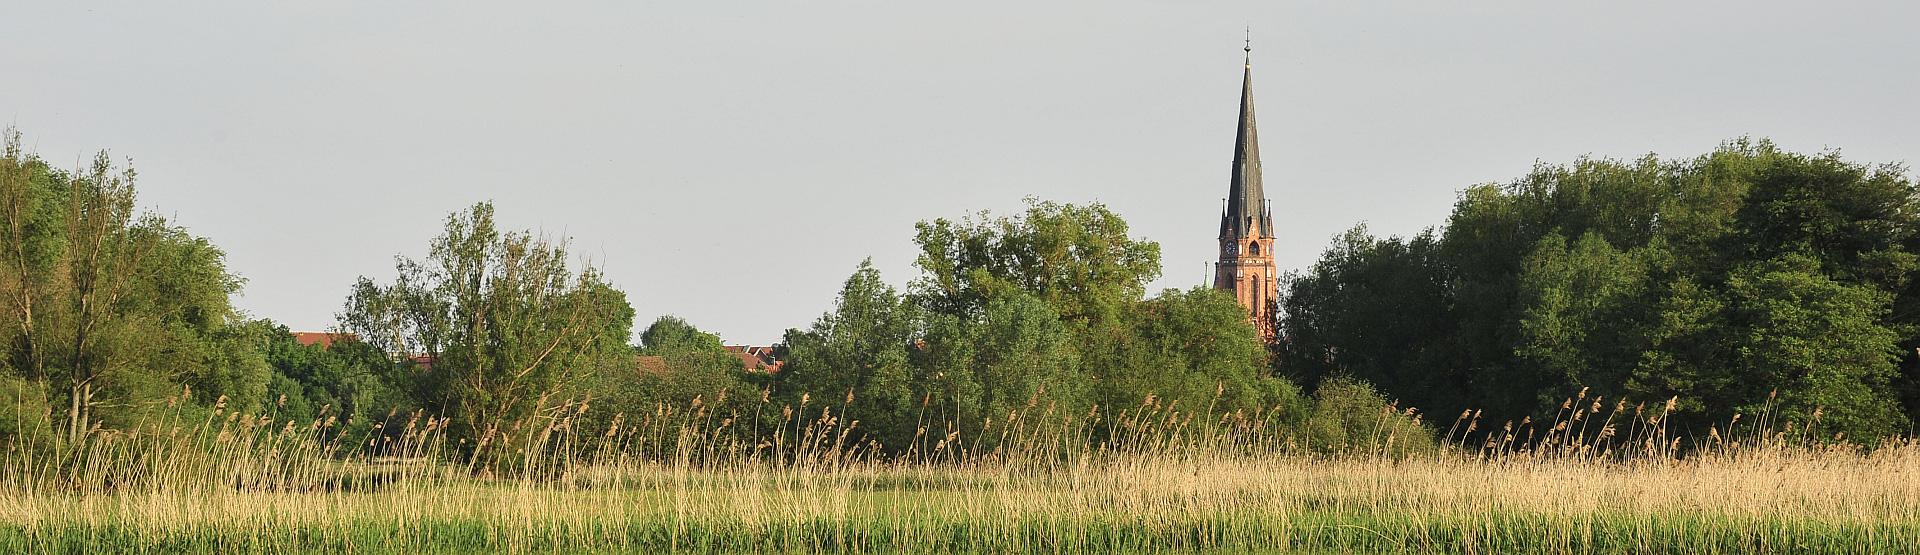 Bannerbild 3